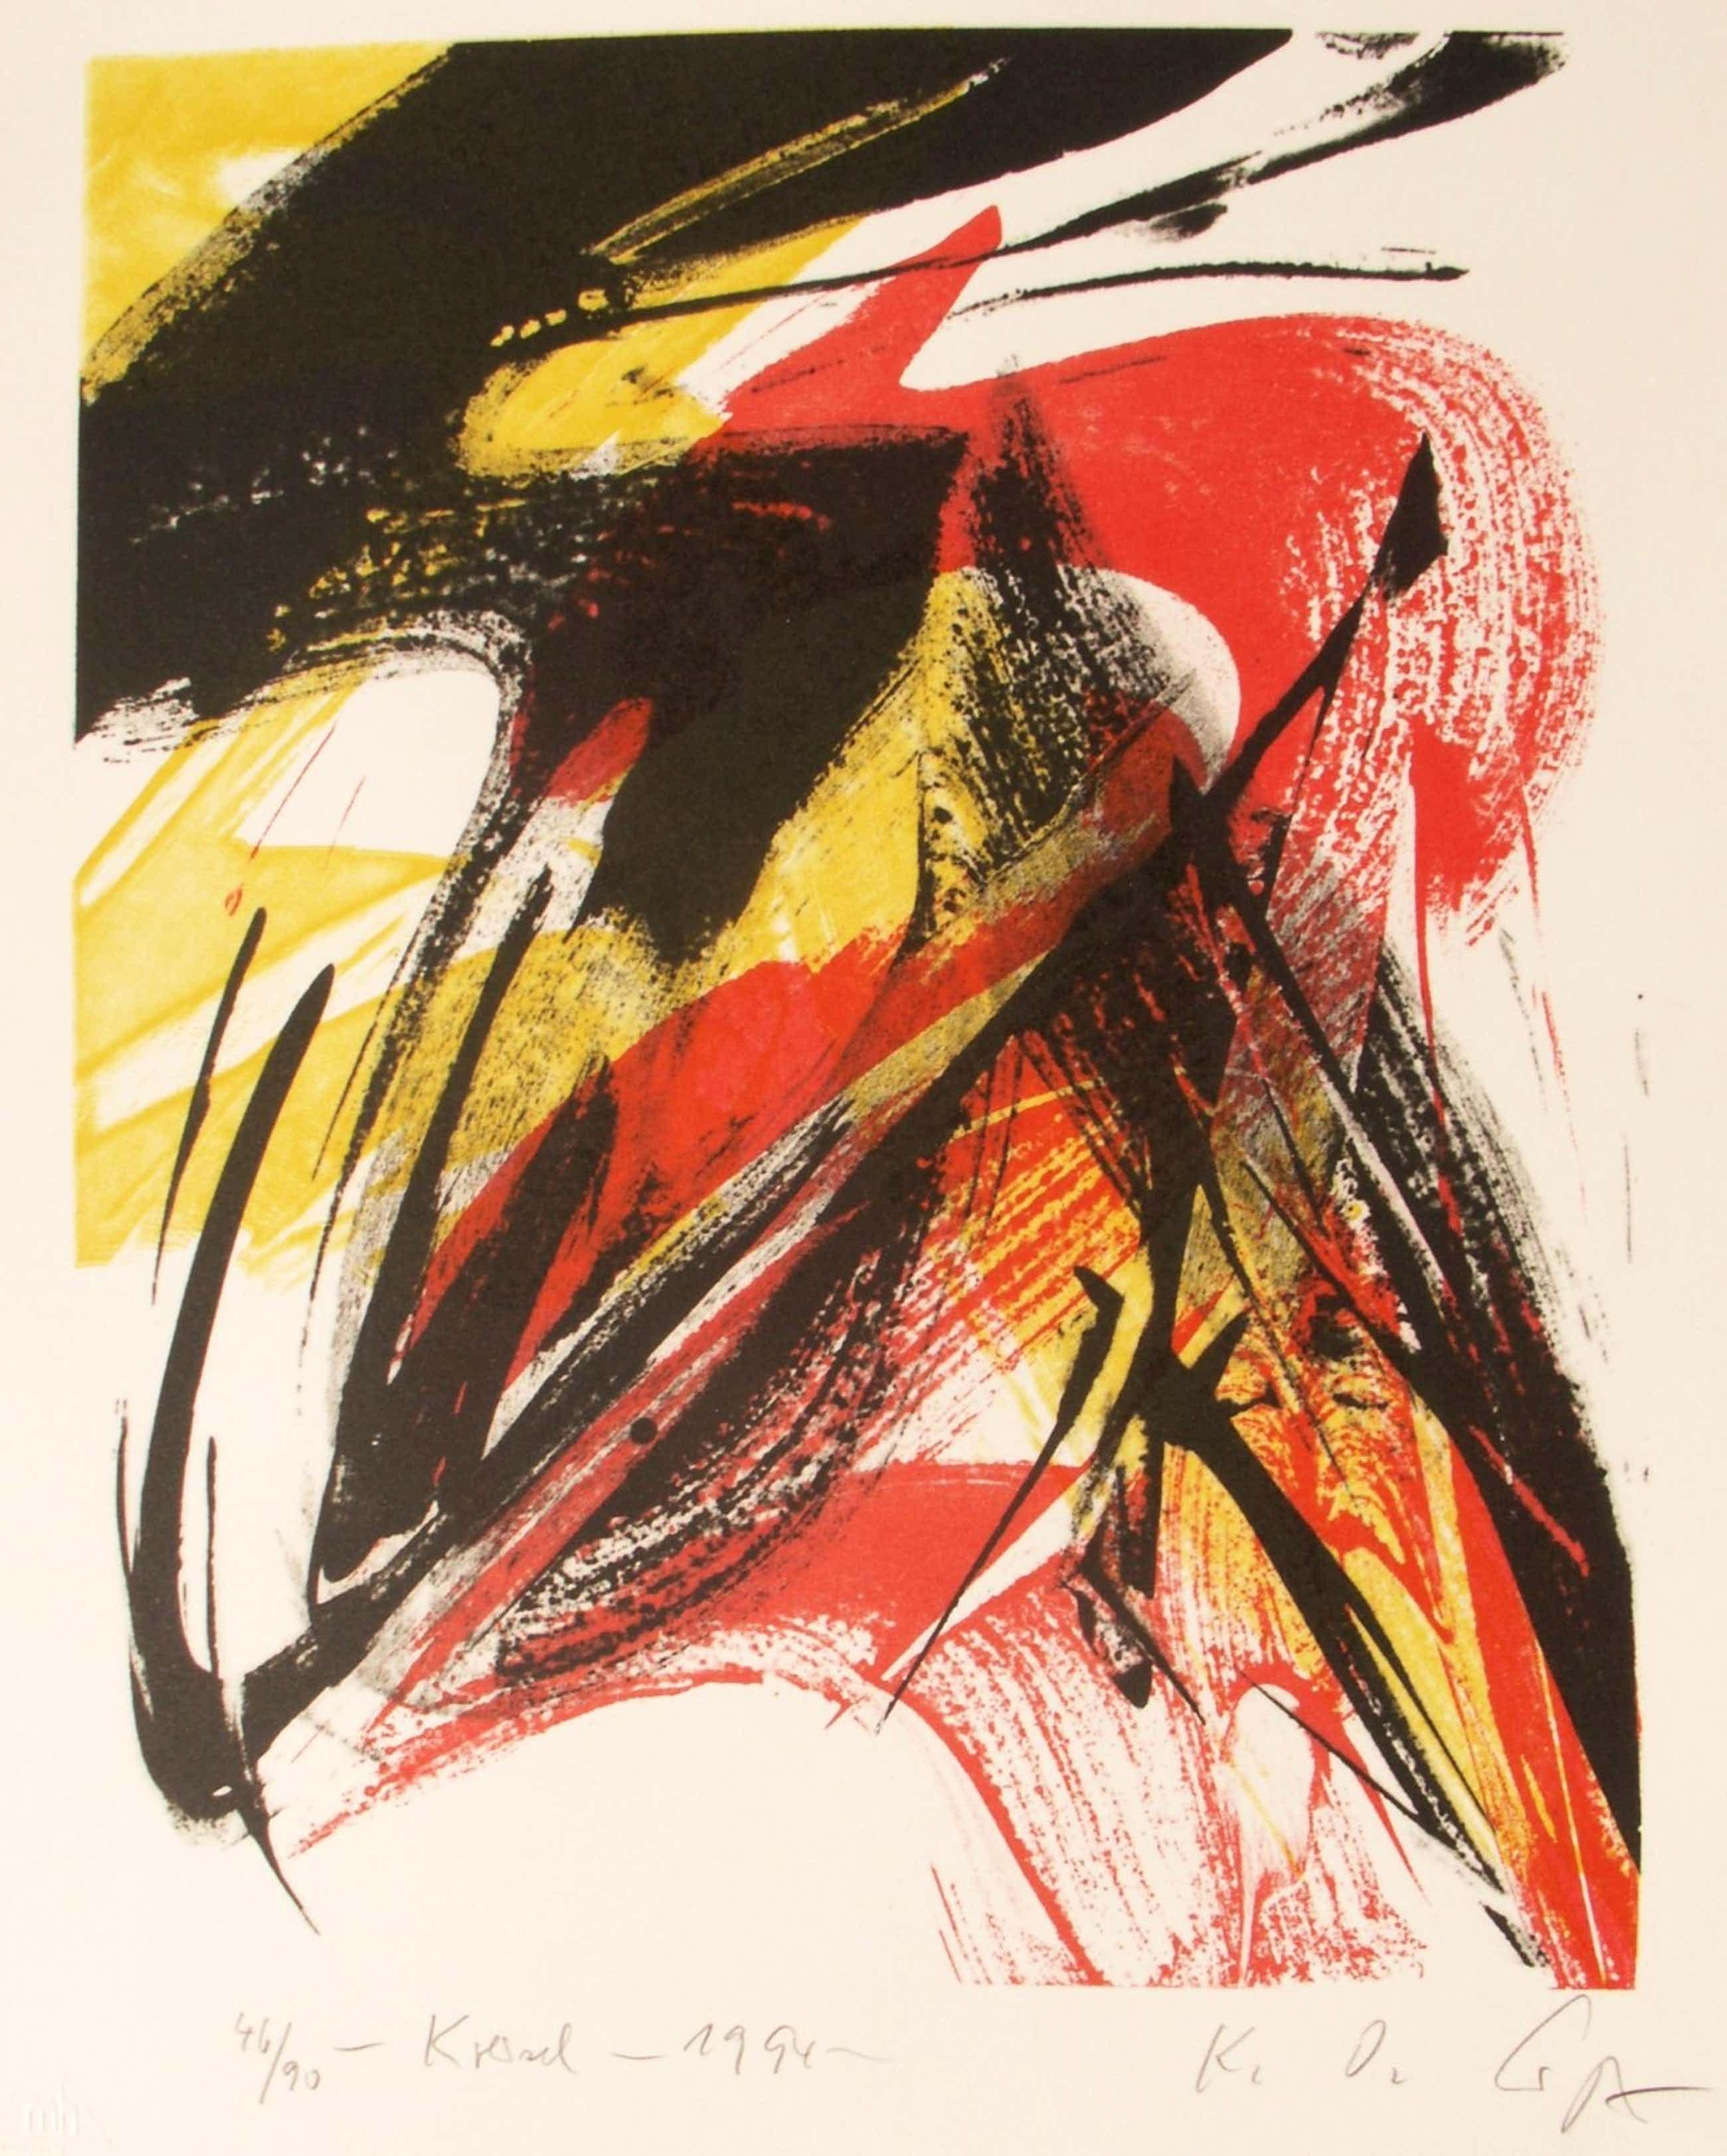 Karl Otto Gotz - Kreisel, Farblithografie von 1994, handsigniert kopen? Bied vanaf 460!